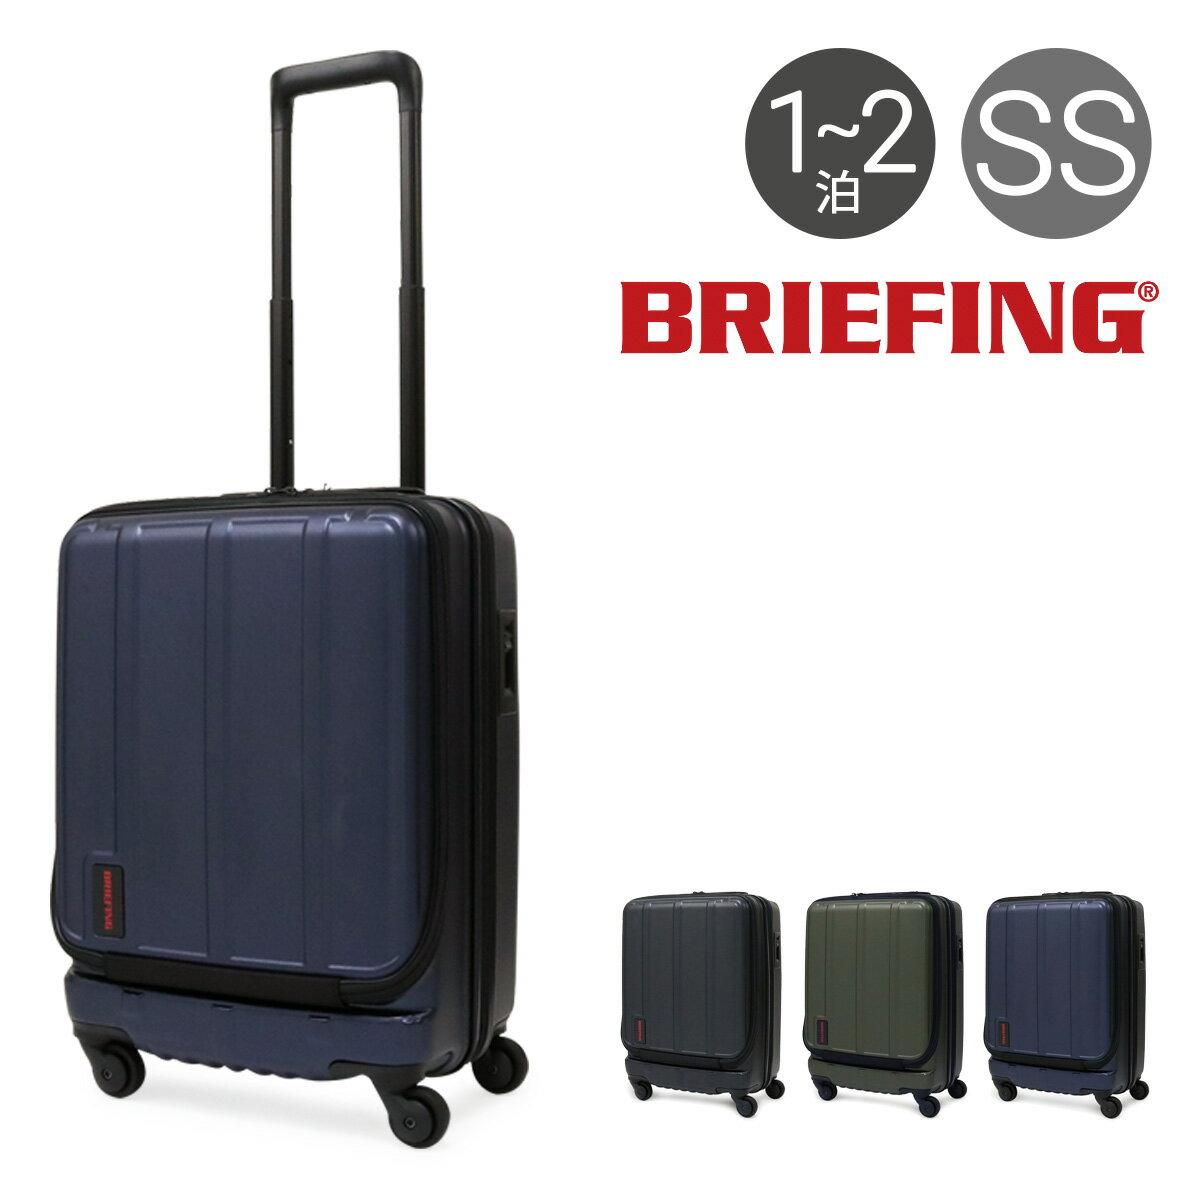 ブリーフィング BRIEFING スーツケース BRF524219 53cm H-34F 【 フロントポケット フロントオープン キャリーケース ハードキャリー ビジネスキャリー ストッパー搭載 TSAロック搭載 】【即日発送】